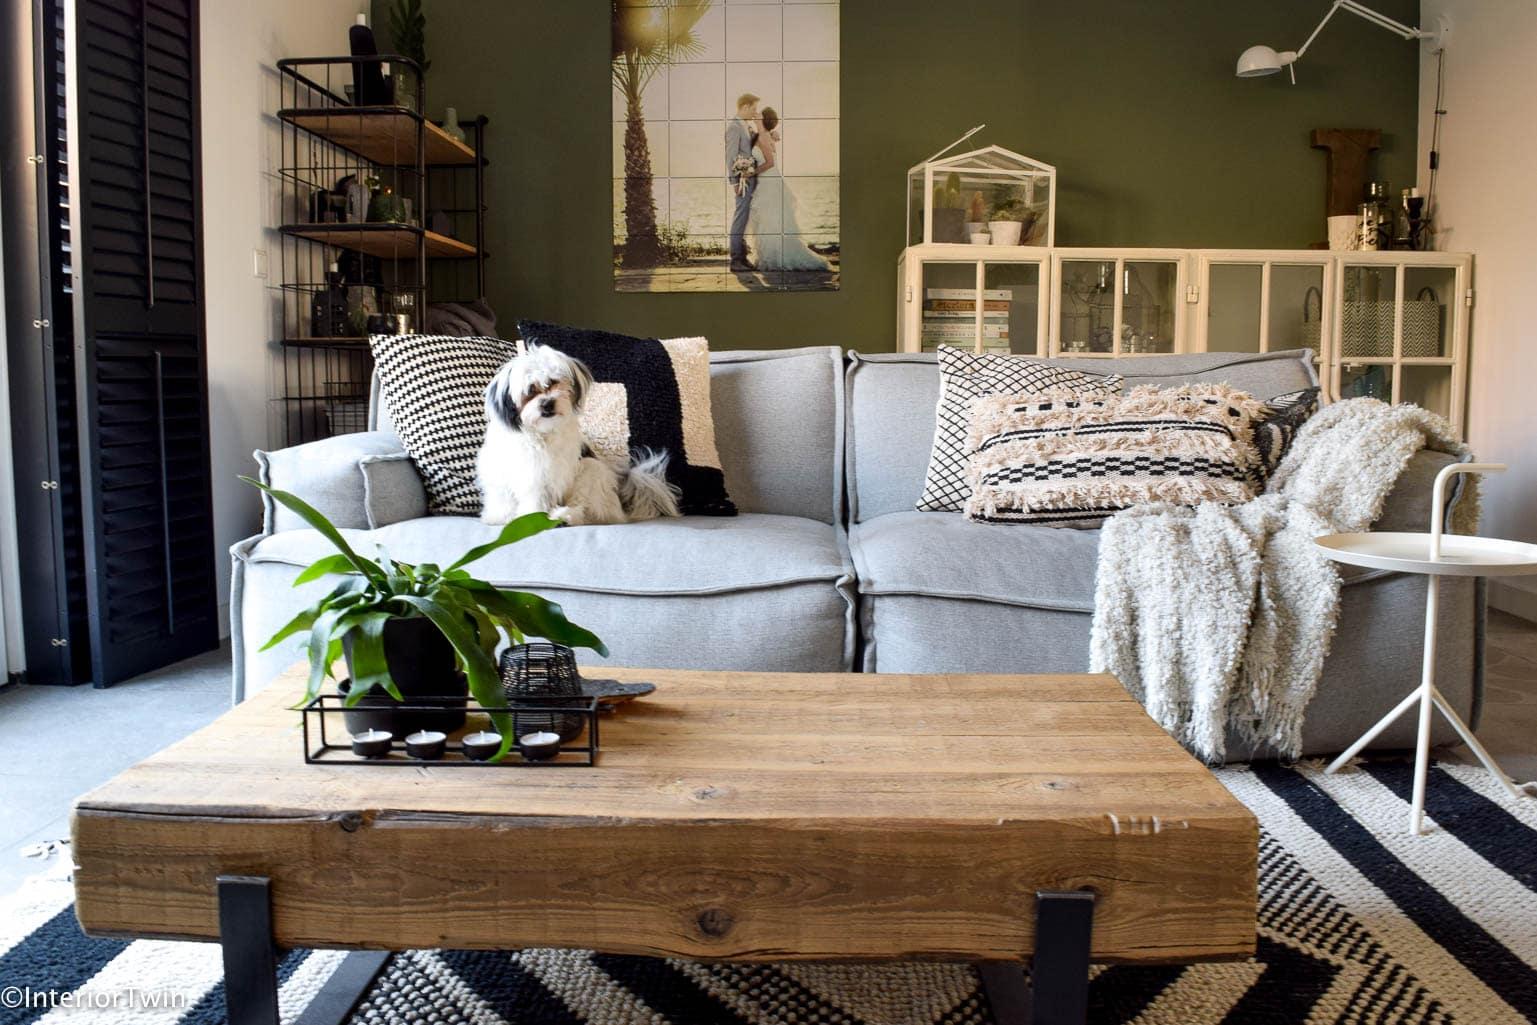 cactussen in de woonkamer - InteriorTwin